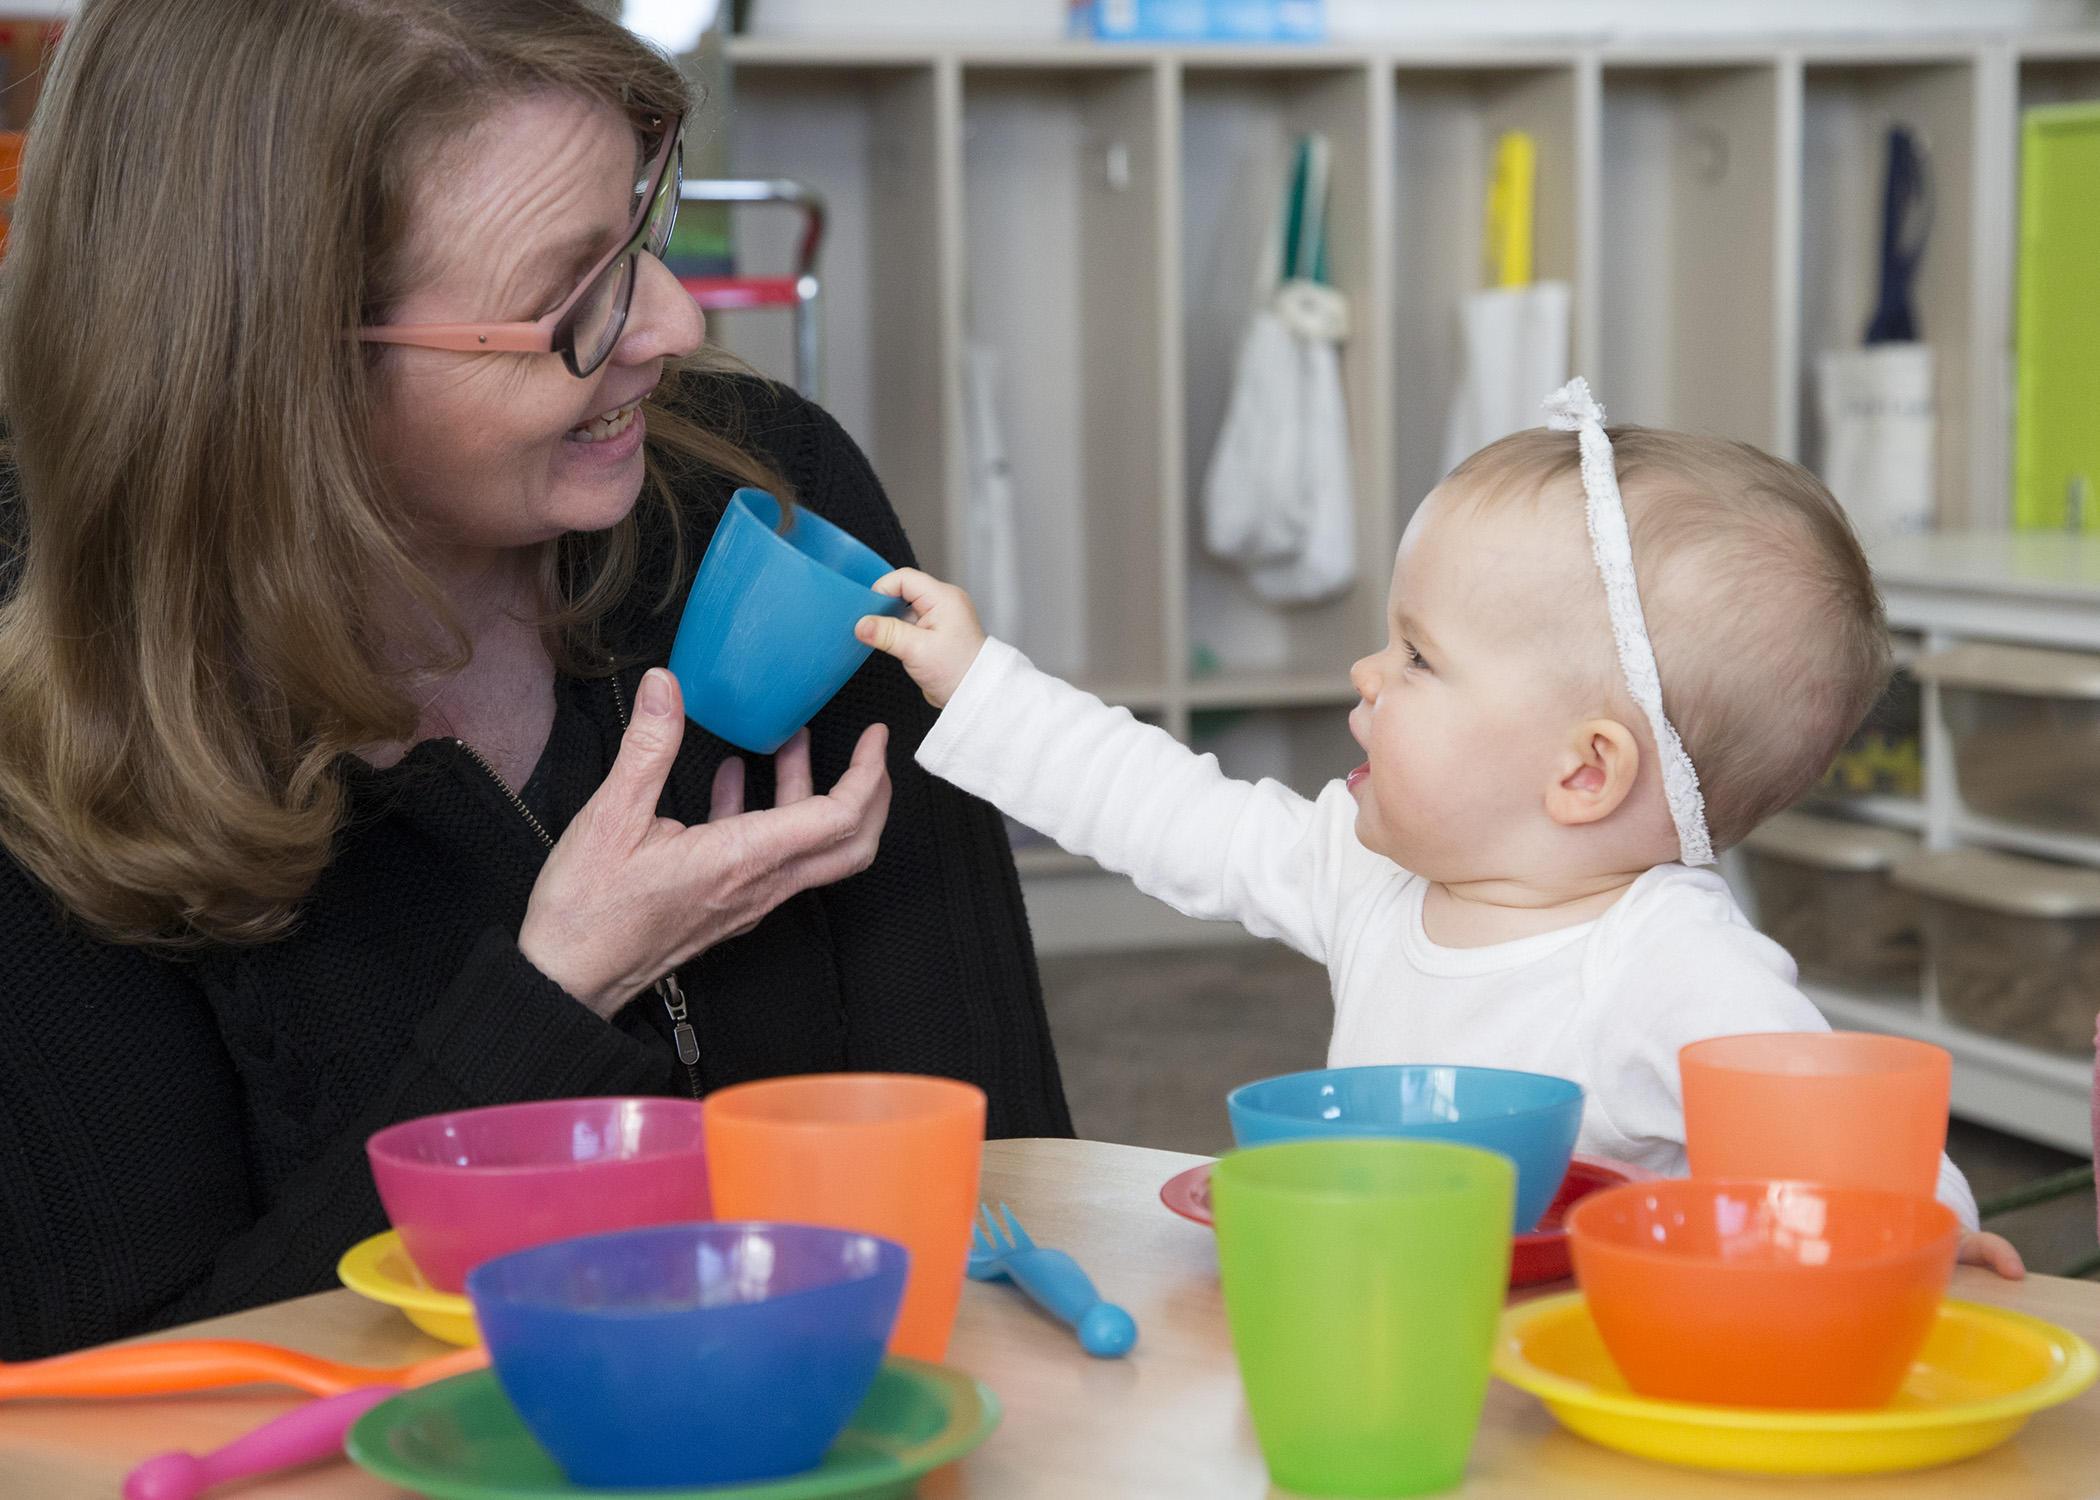 Utah Study Autism Symptoms Missed in Short Pediatric Exams